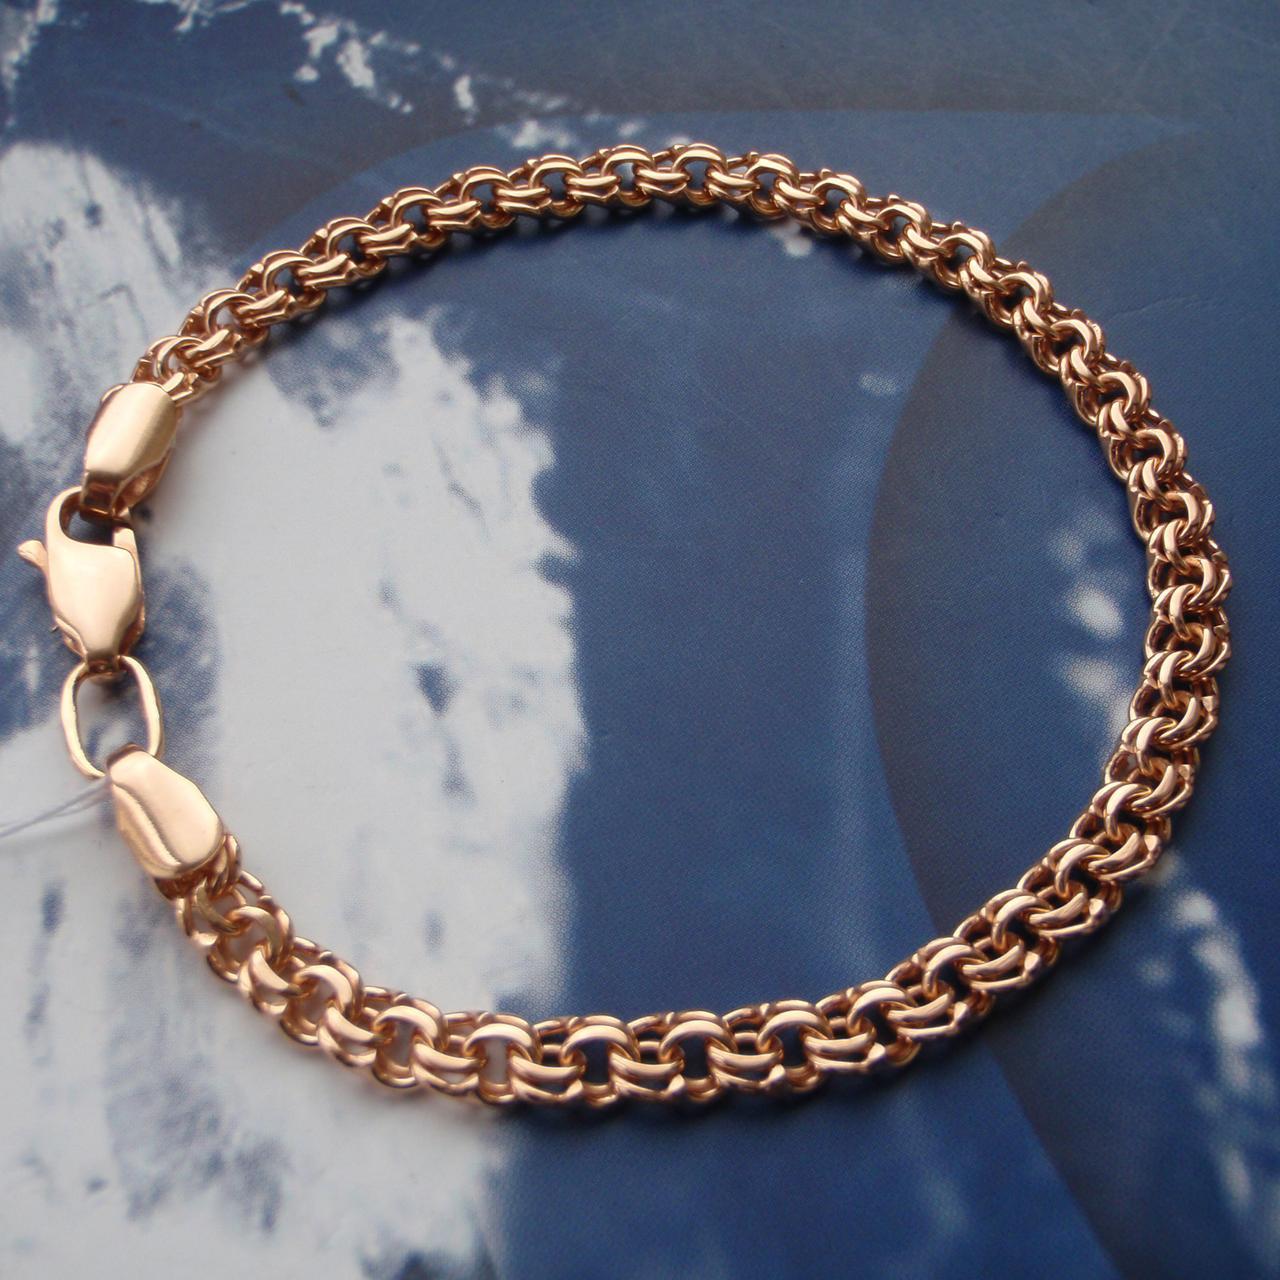 Серебряный позолоченный браслет, 220мм, 12 грамм, плетение  Бисмарк